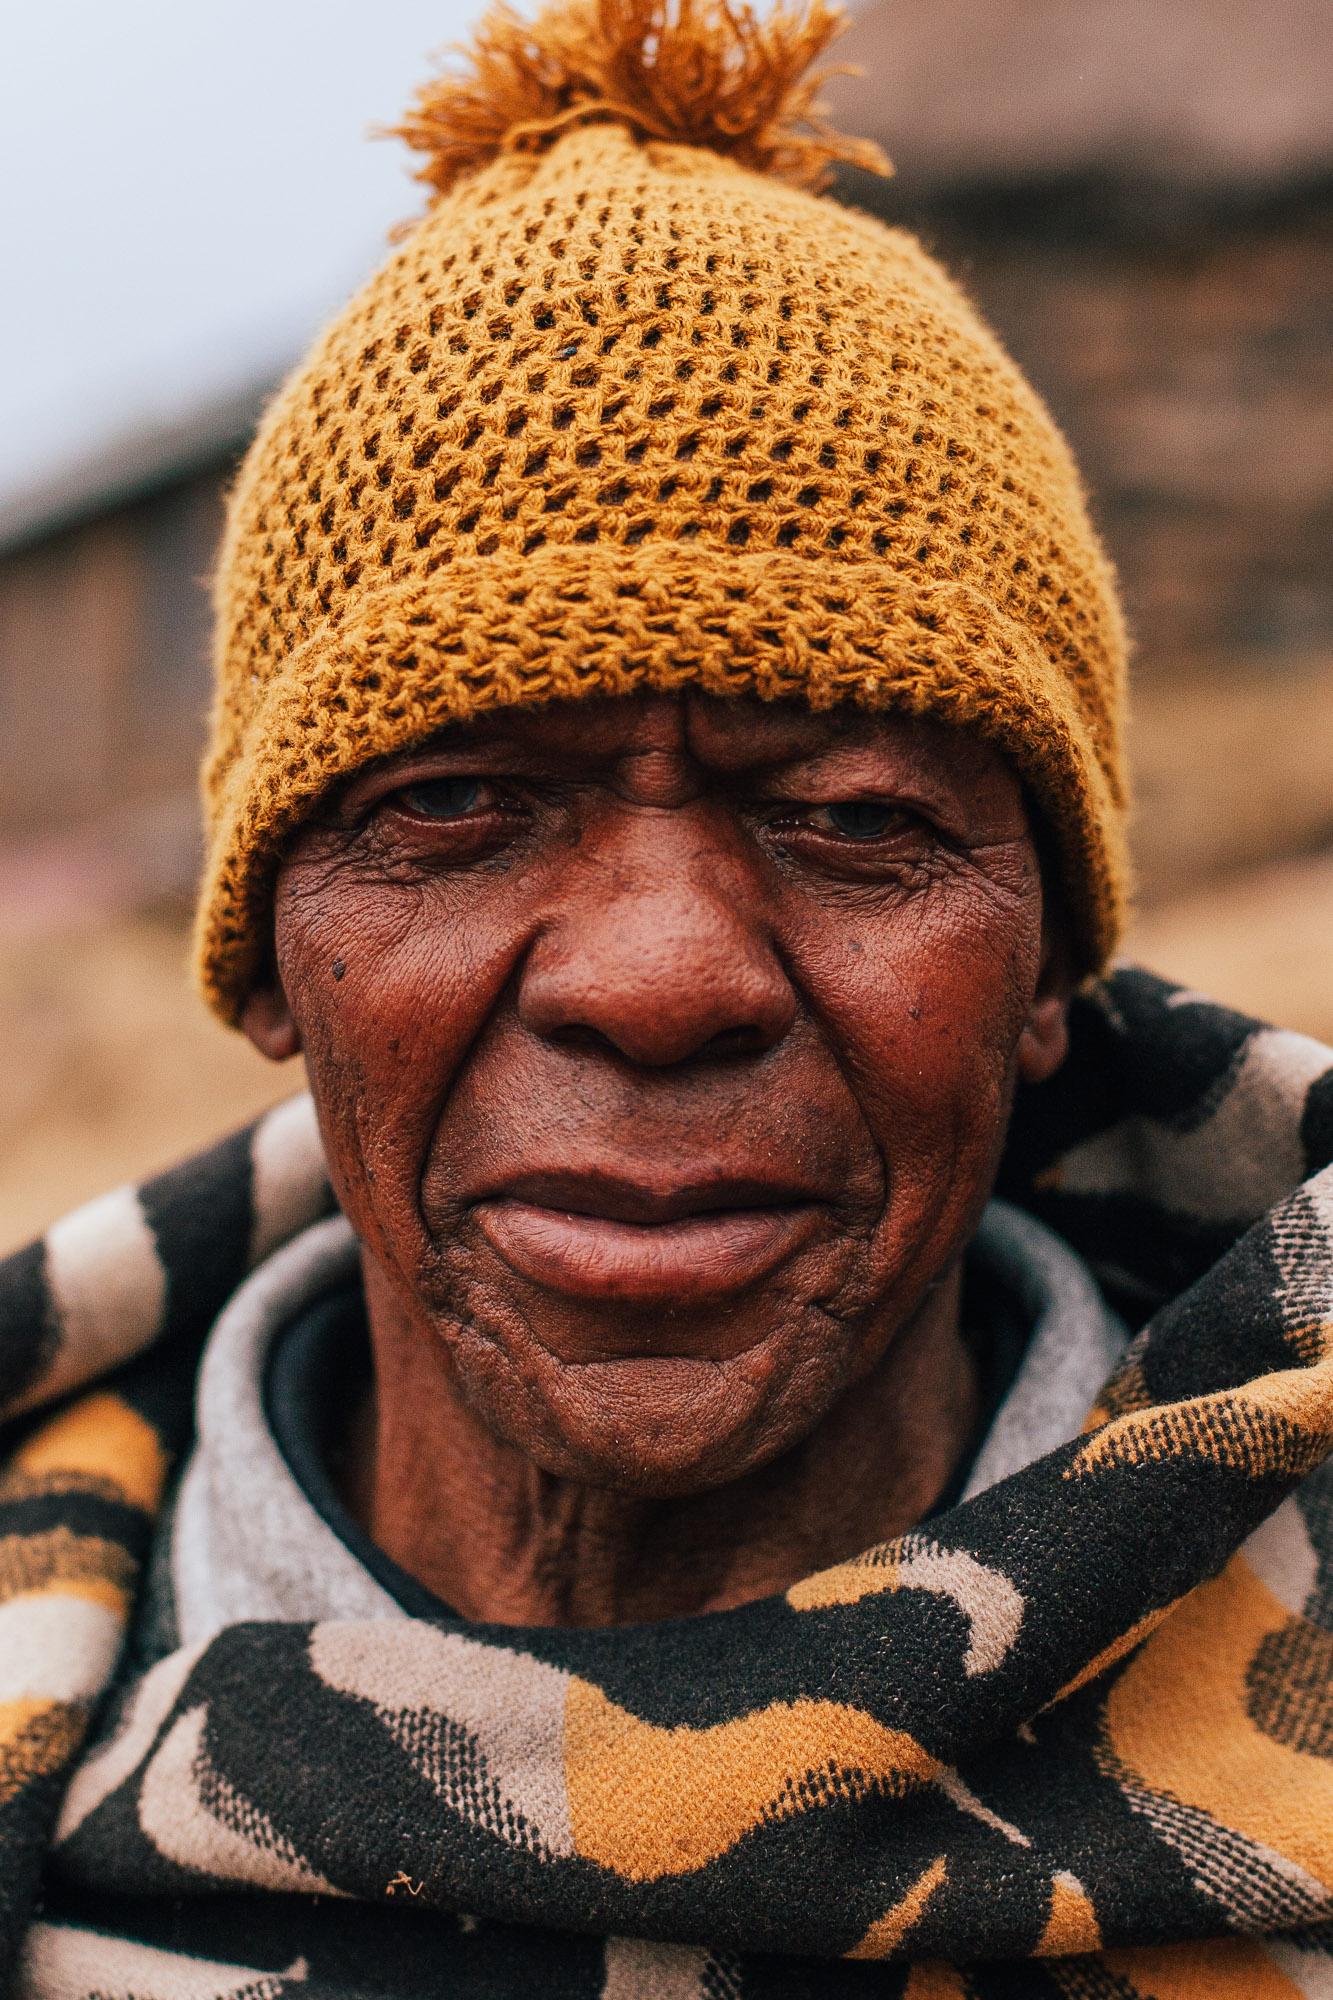 Philip's father, the village chief